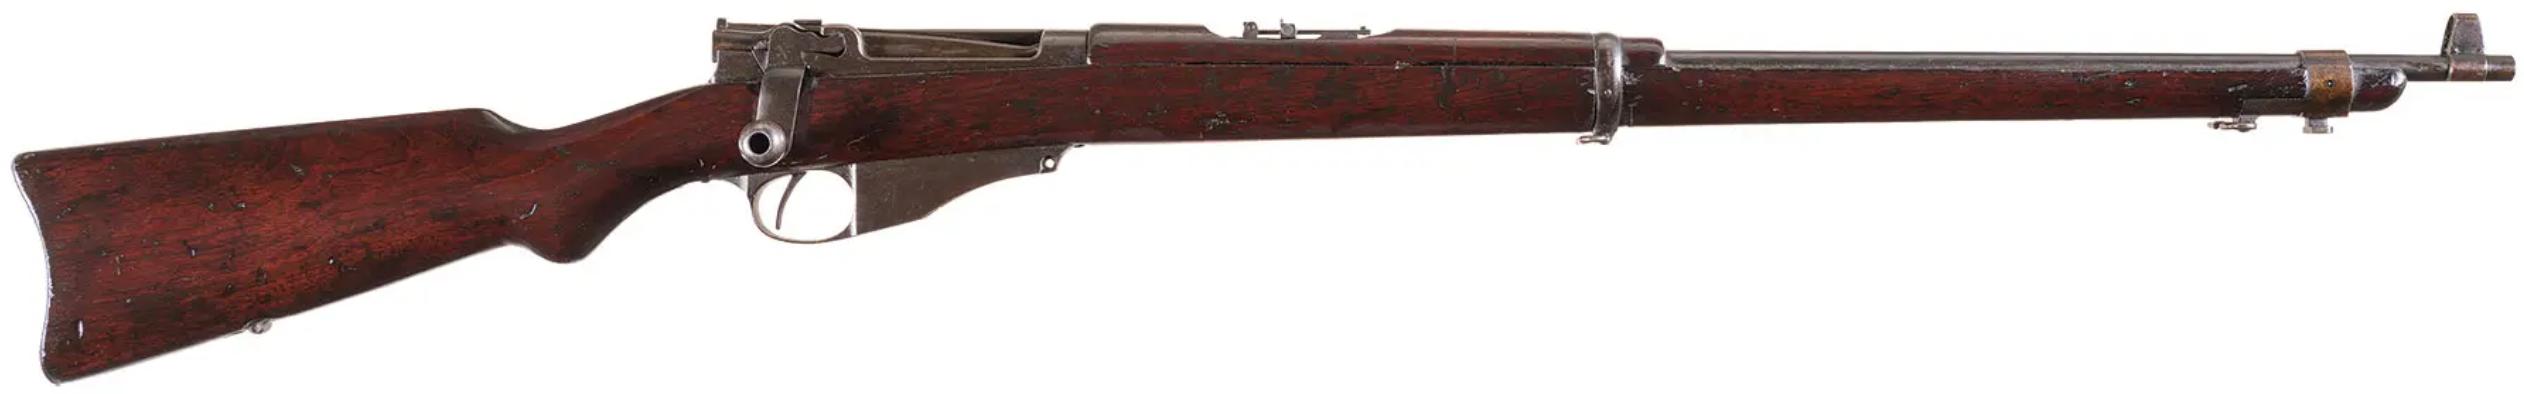 M1895 Lee Navy